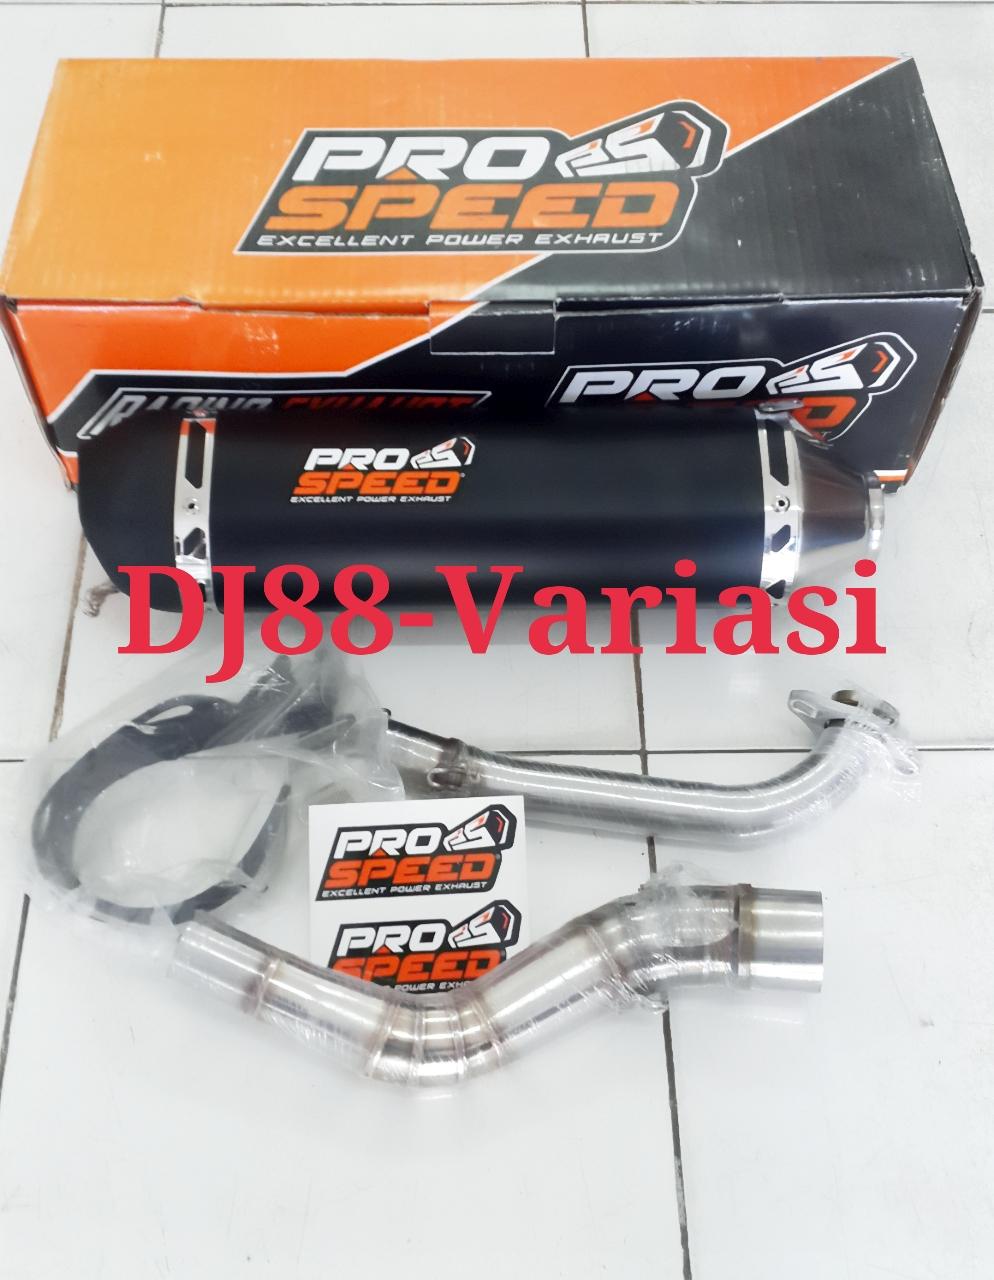 Dj88 Variasi Toko Aksesories Terlengkap Dan Terpercaya Se Indonesia Prospeed Black Series Yamaha New Vixion150 Full Knalpot Nmax Racing System N Max